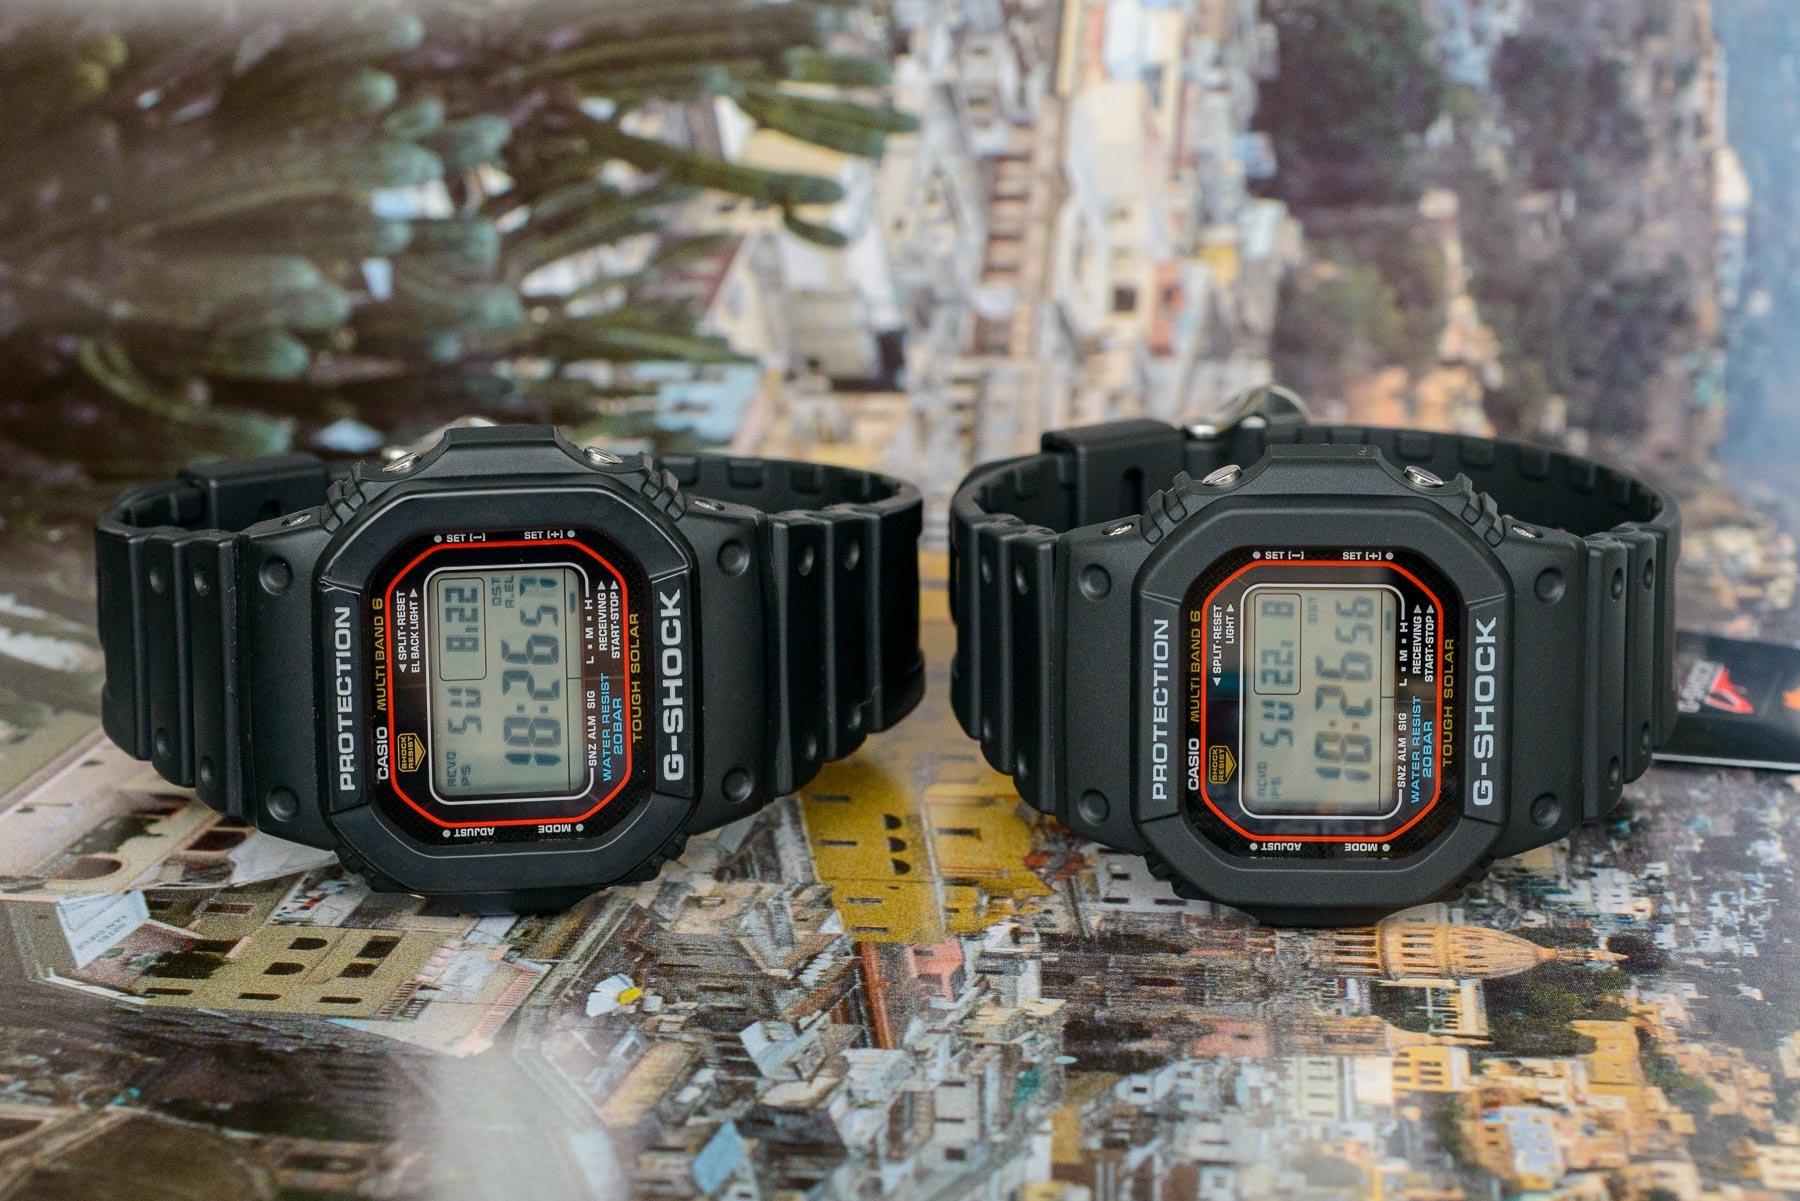 gshock gwm5610u 6928 - Đánh giá đồng hồ G-Shock Square GW-M5610U